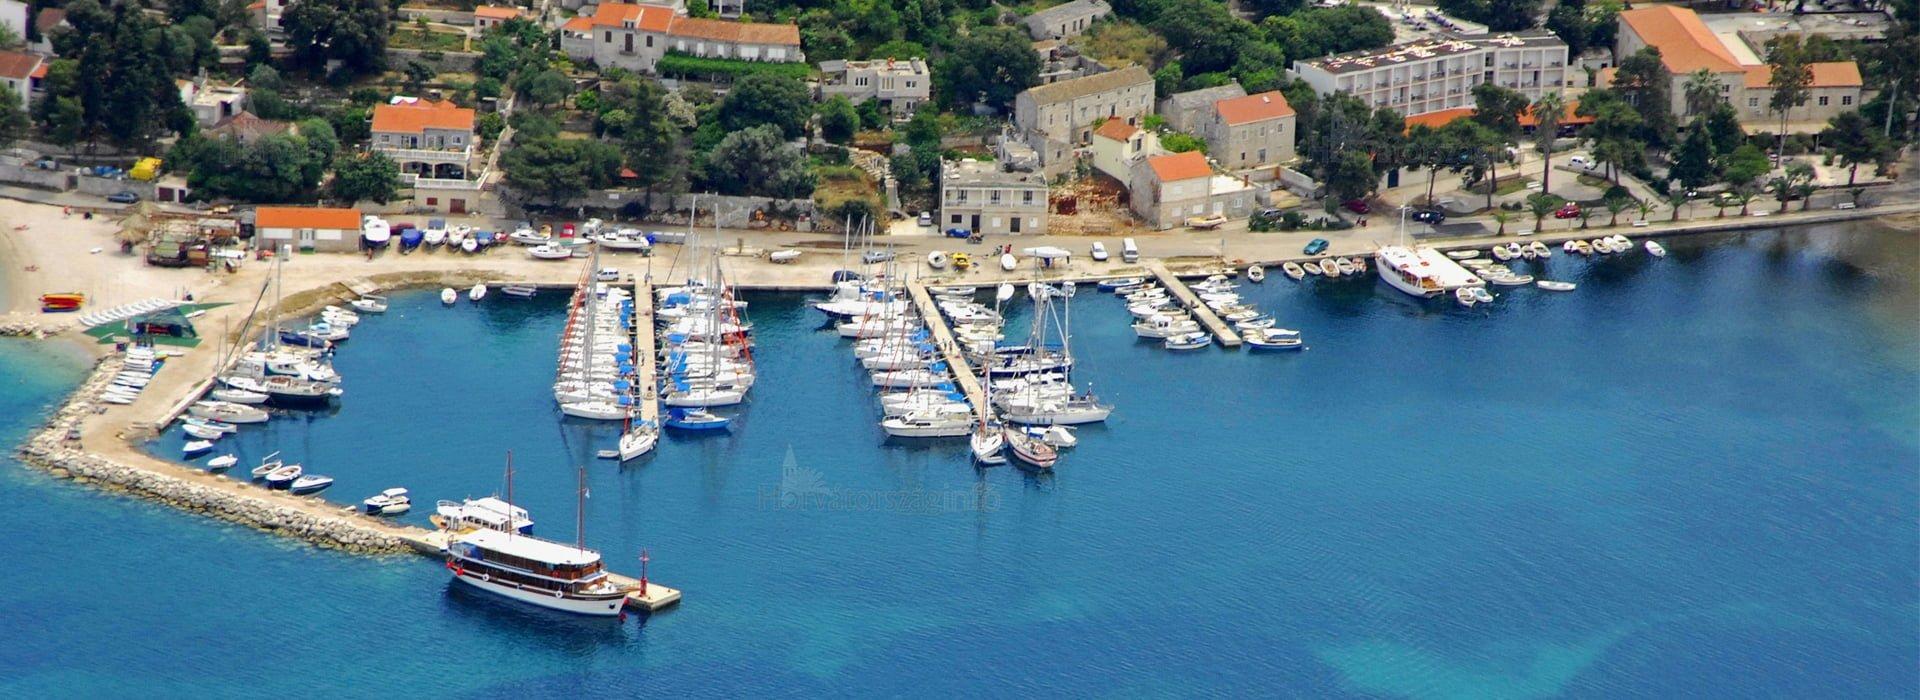 Megvan a legjobb horvát nyaralóhely